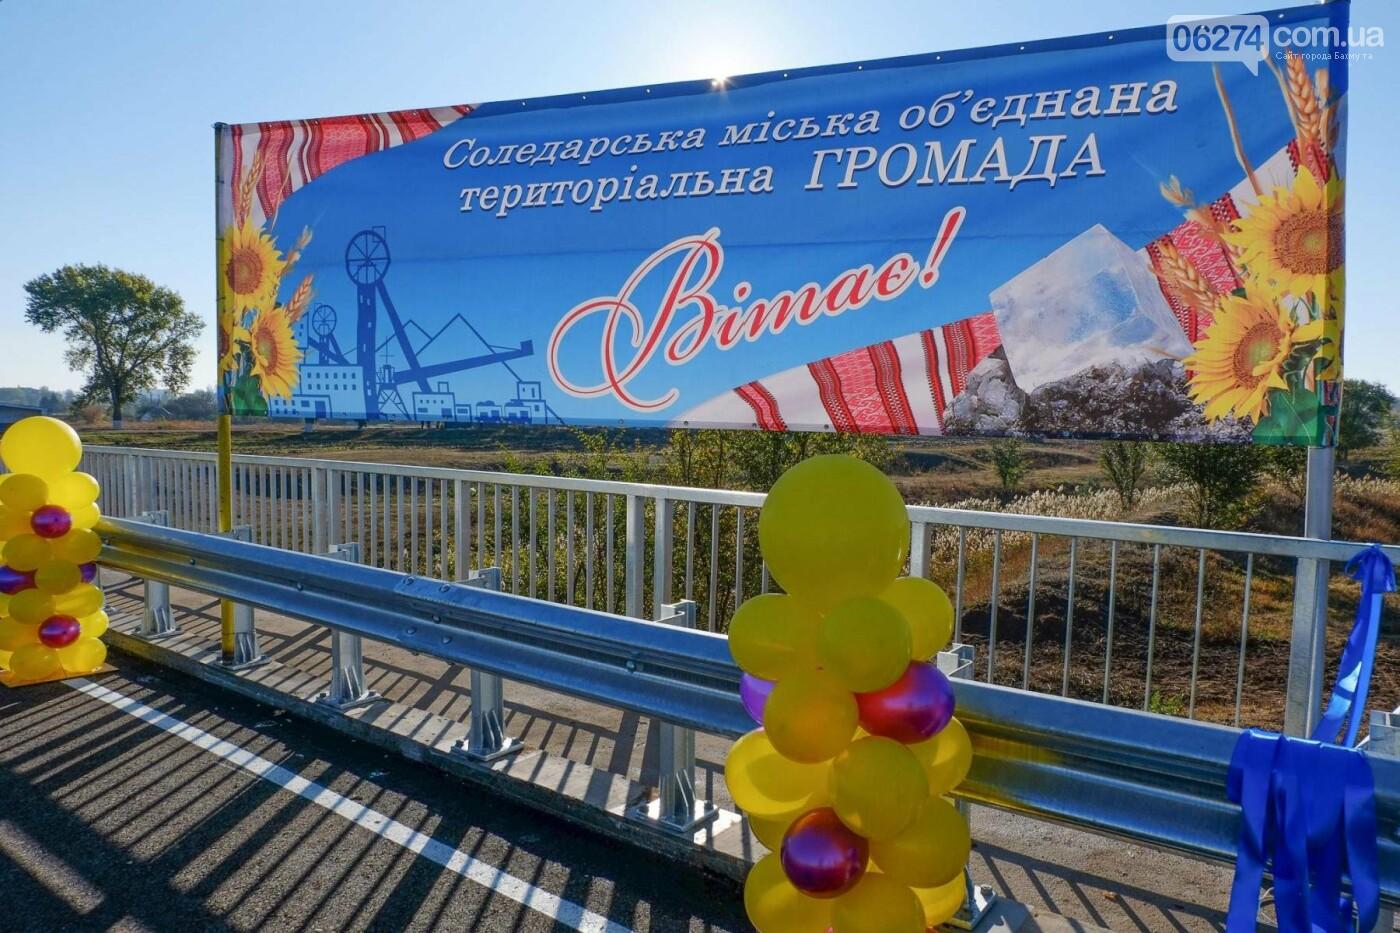 Губернатор области открыл капитально отремонтированный мост через реку Бахмутка, фото-1